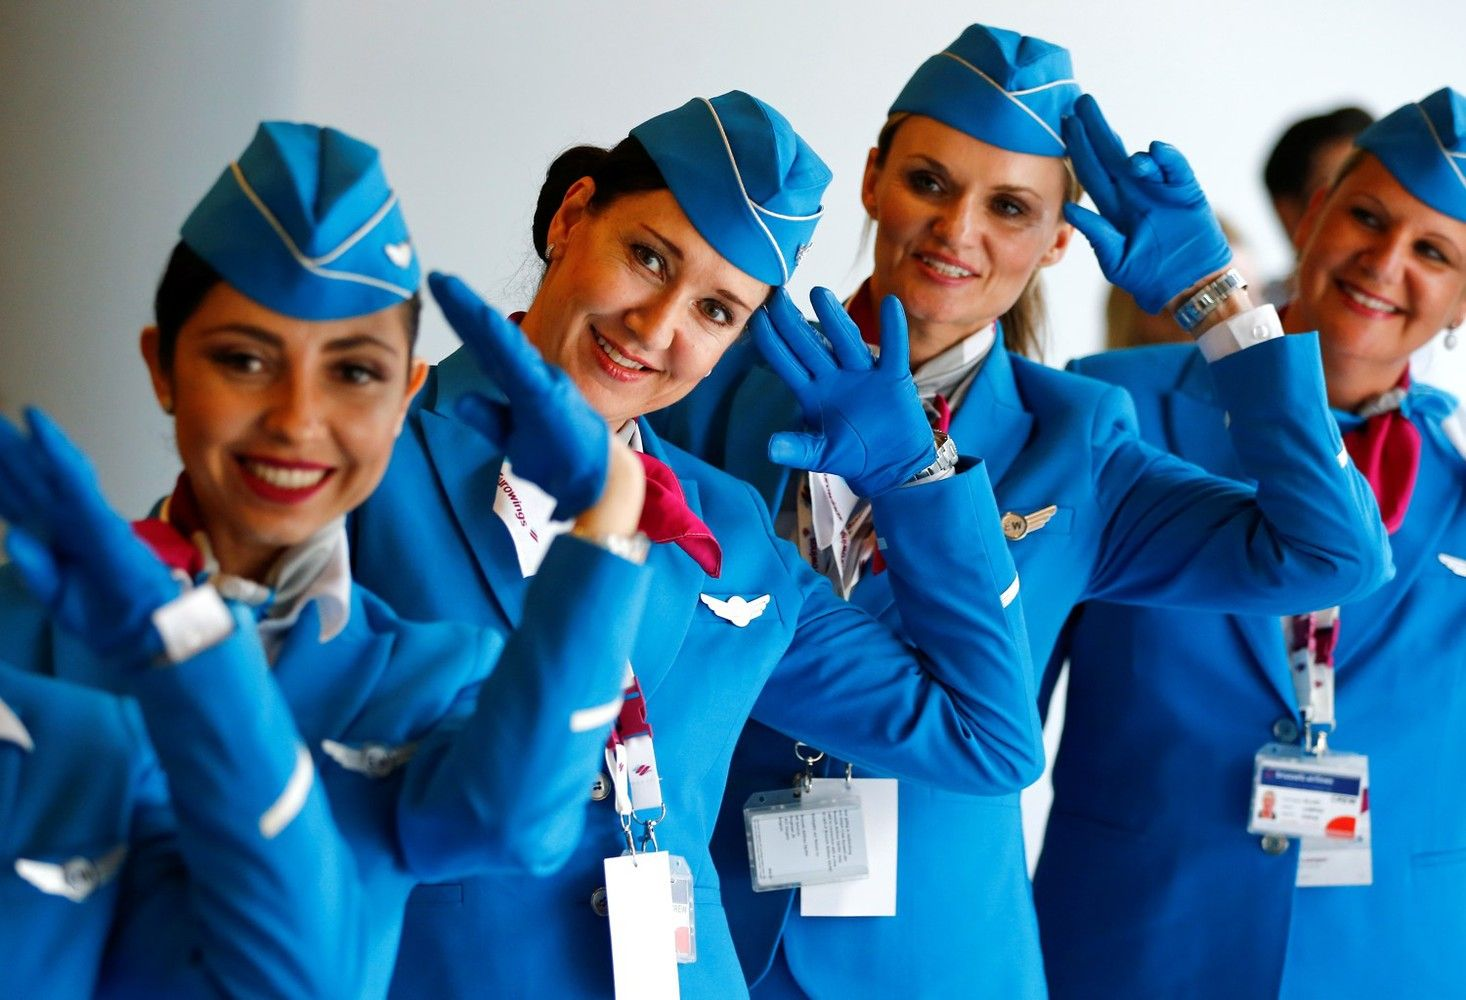 Tyrimas:skrydžių bendrovėms prastai aptarnauti keleivius apsimoka